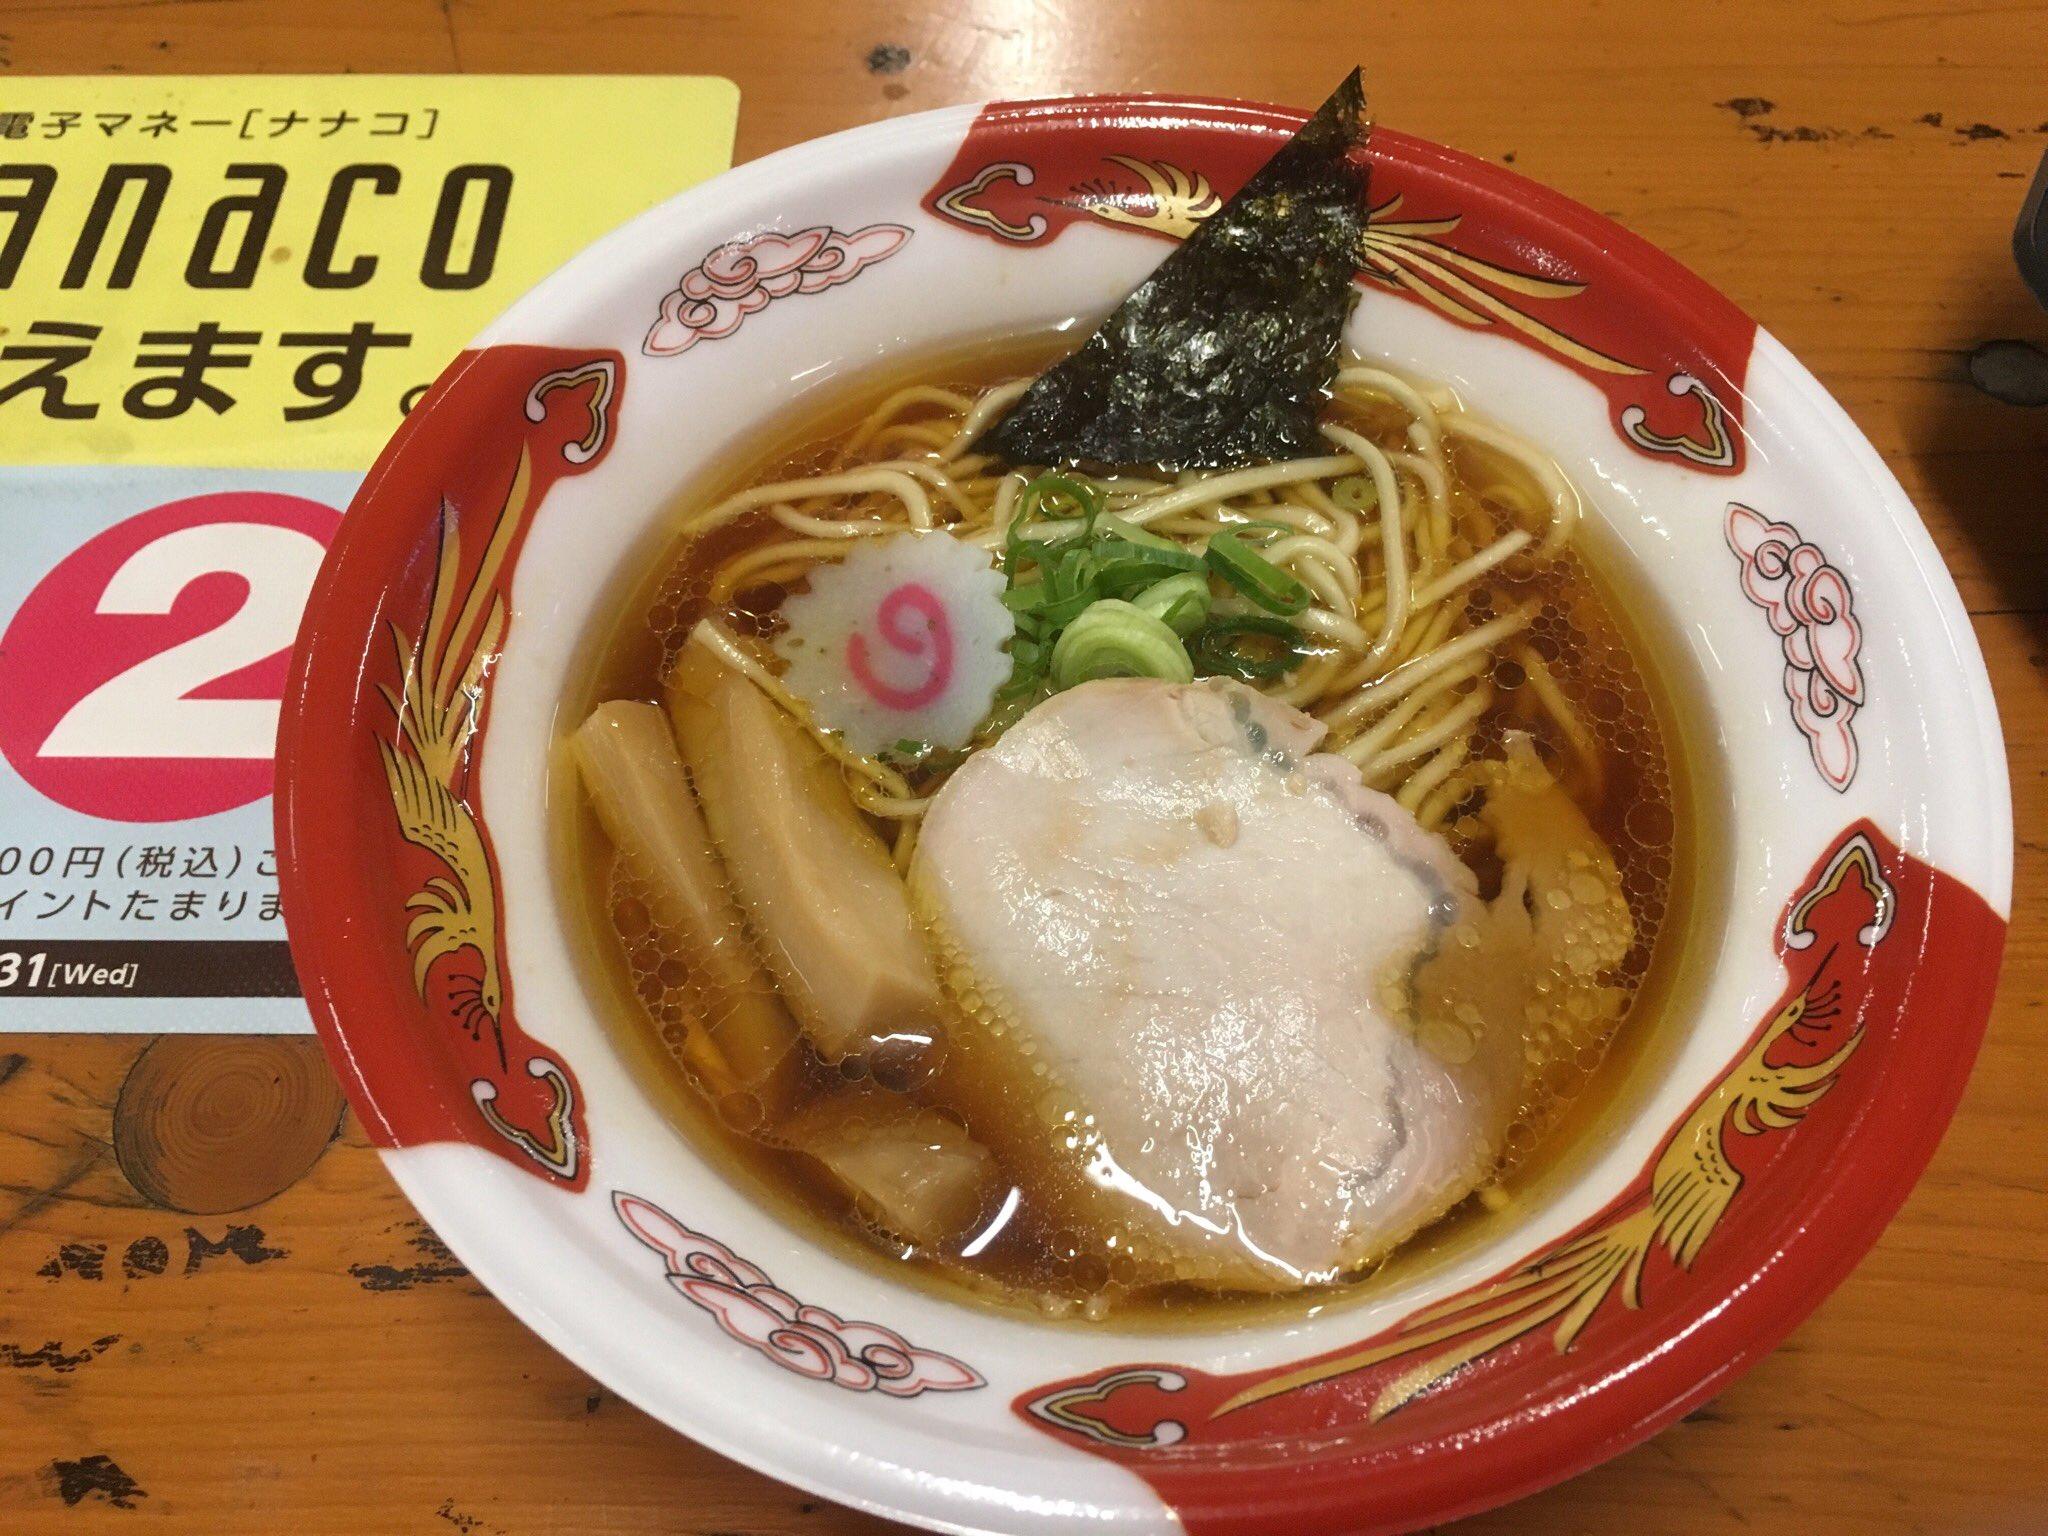 大阪府,どすとらいく軒,ラーメン,美味しい,うまい,ランキング,ヤバい